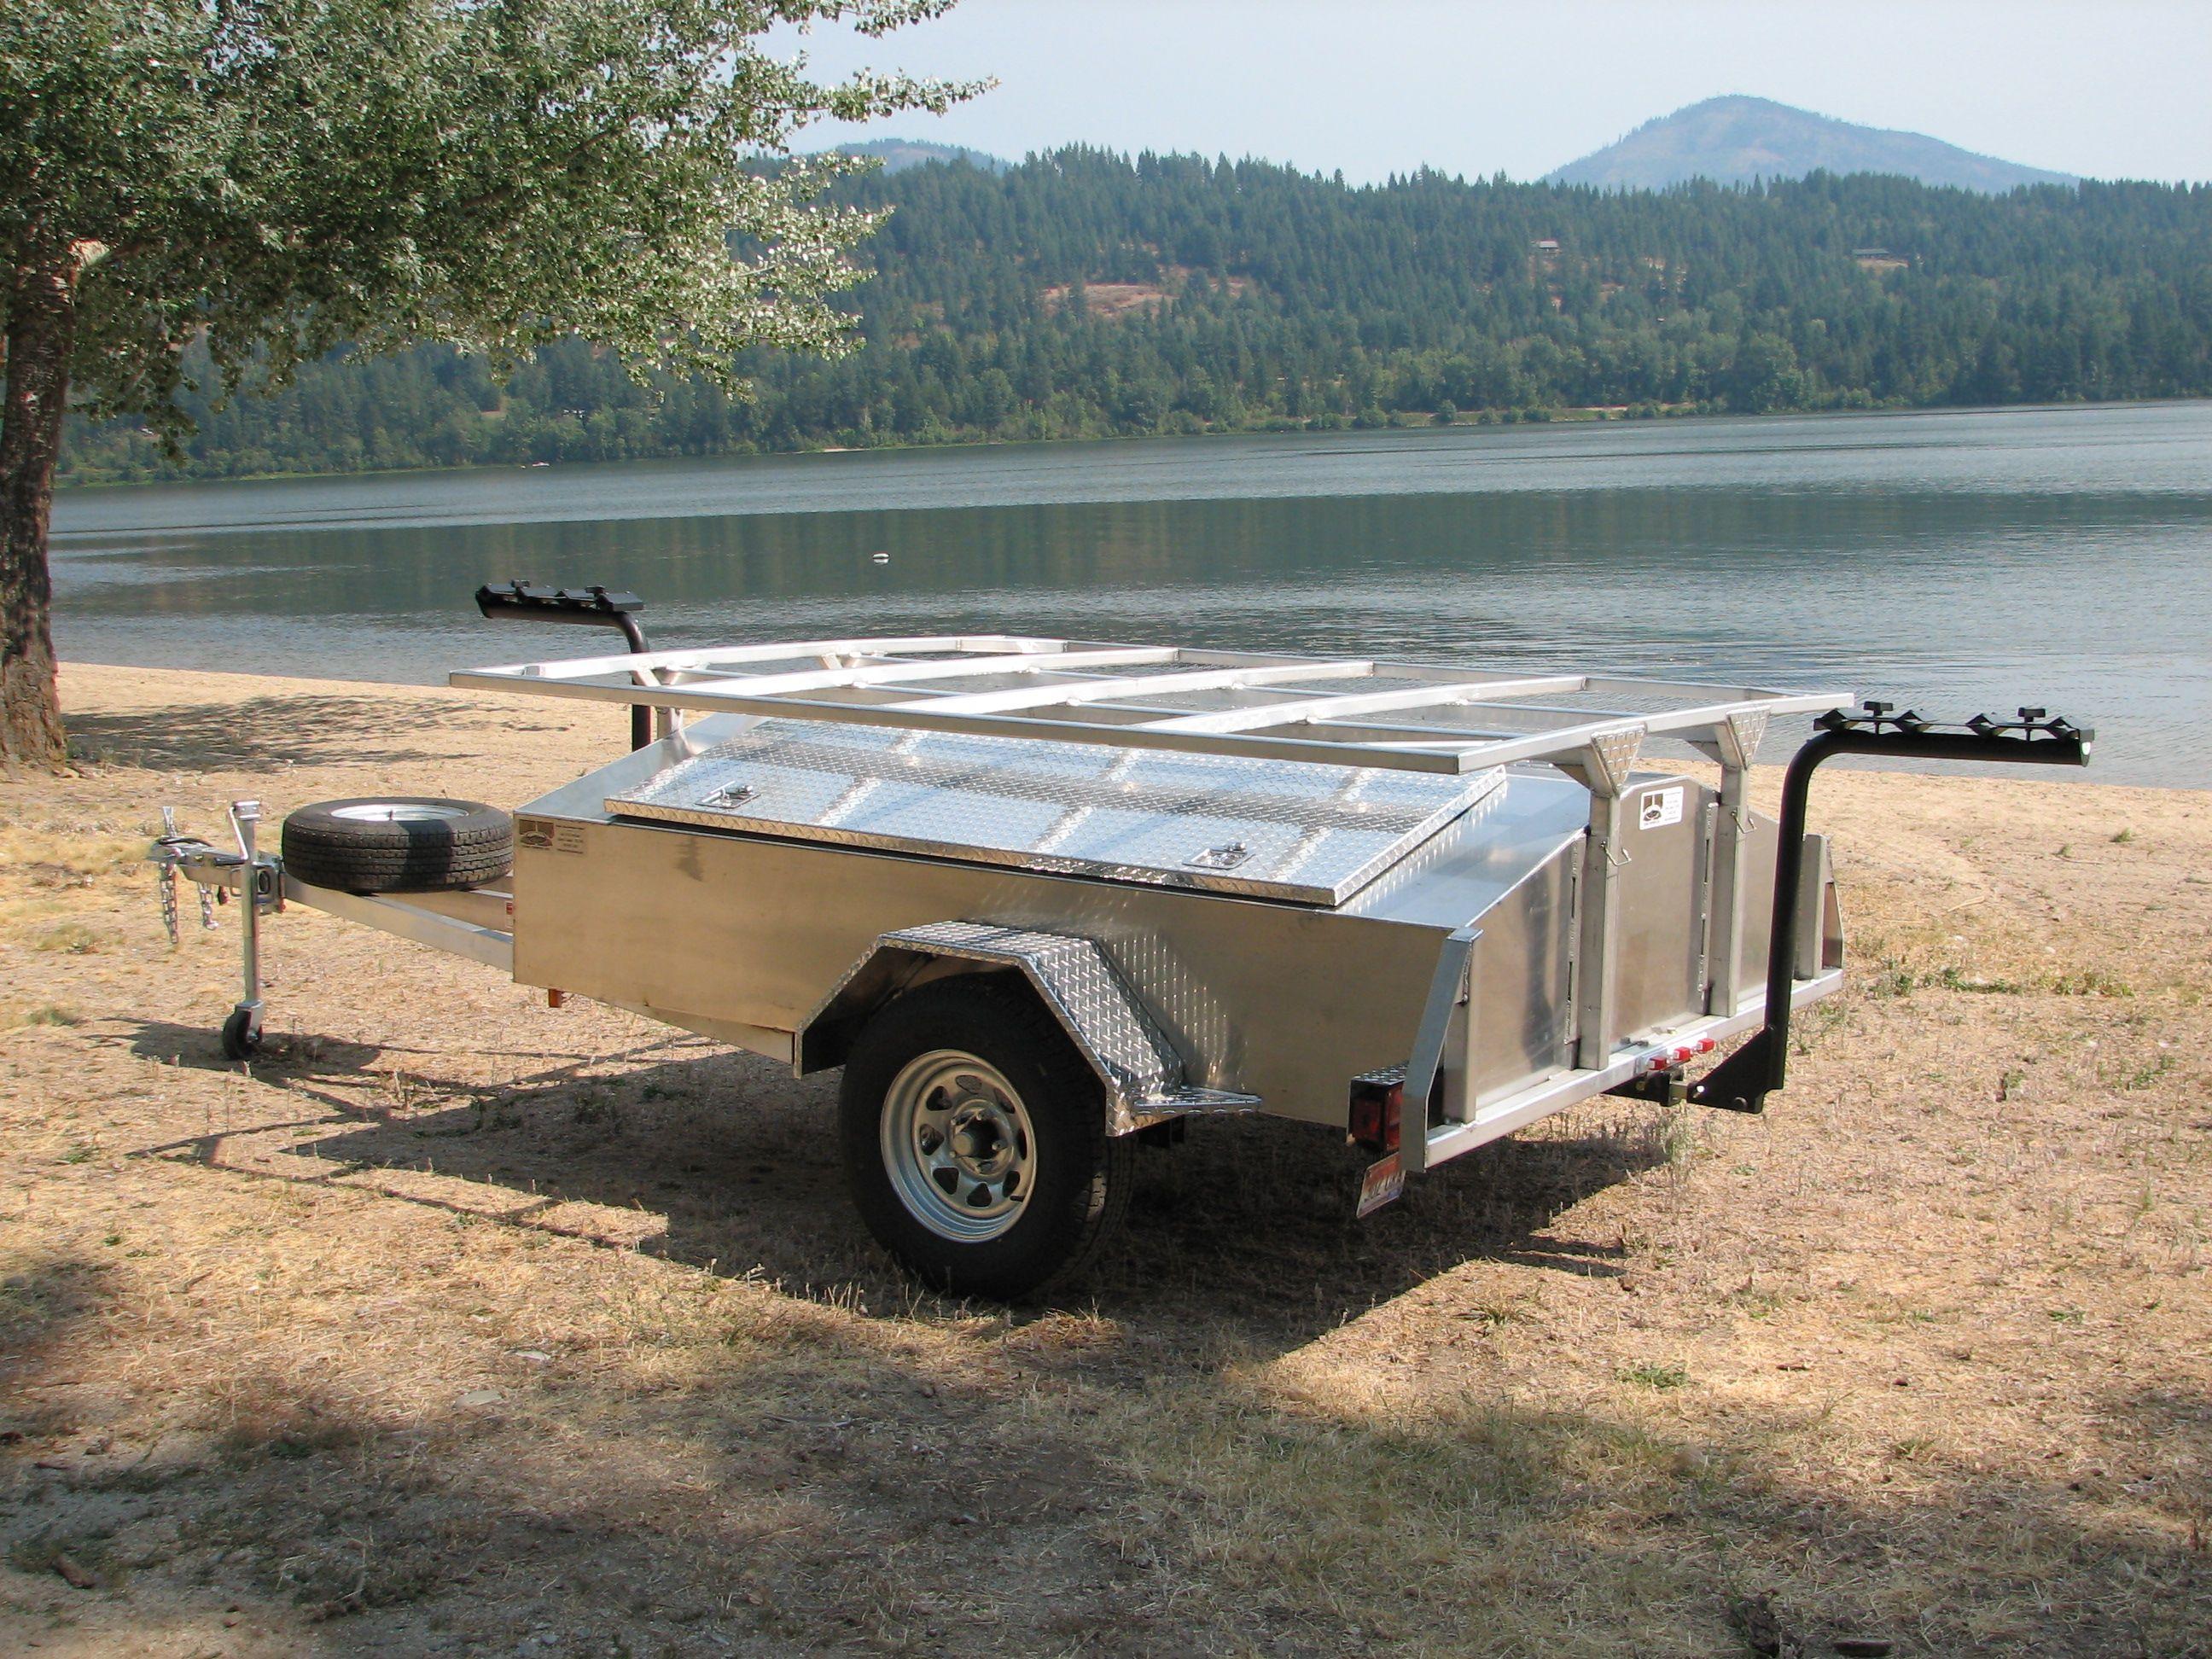 MULTI Place Aluminum Canoe, Kayak, Raft